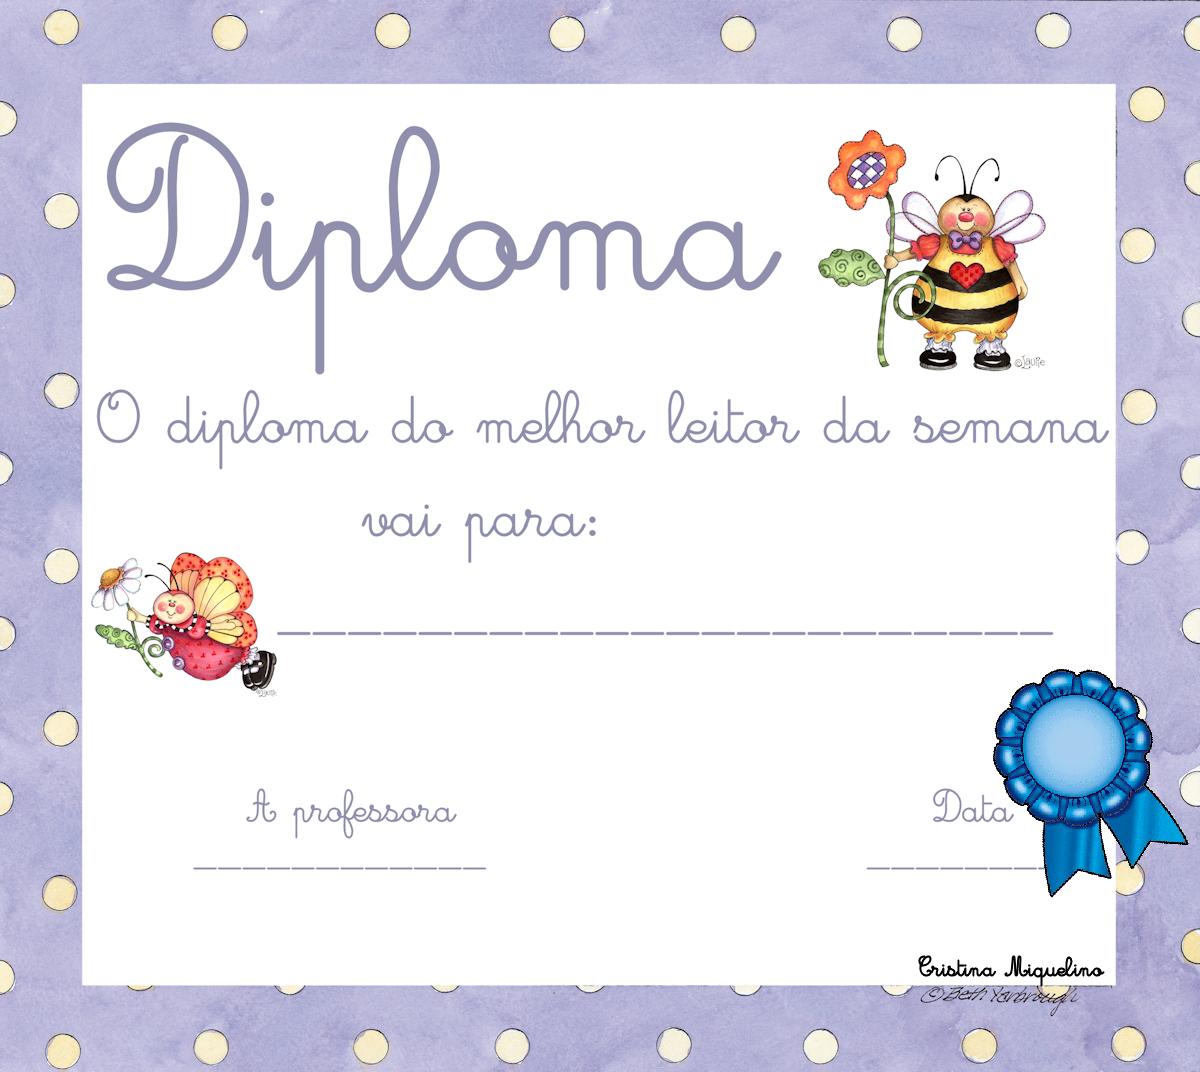 Novo Diploma